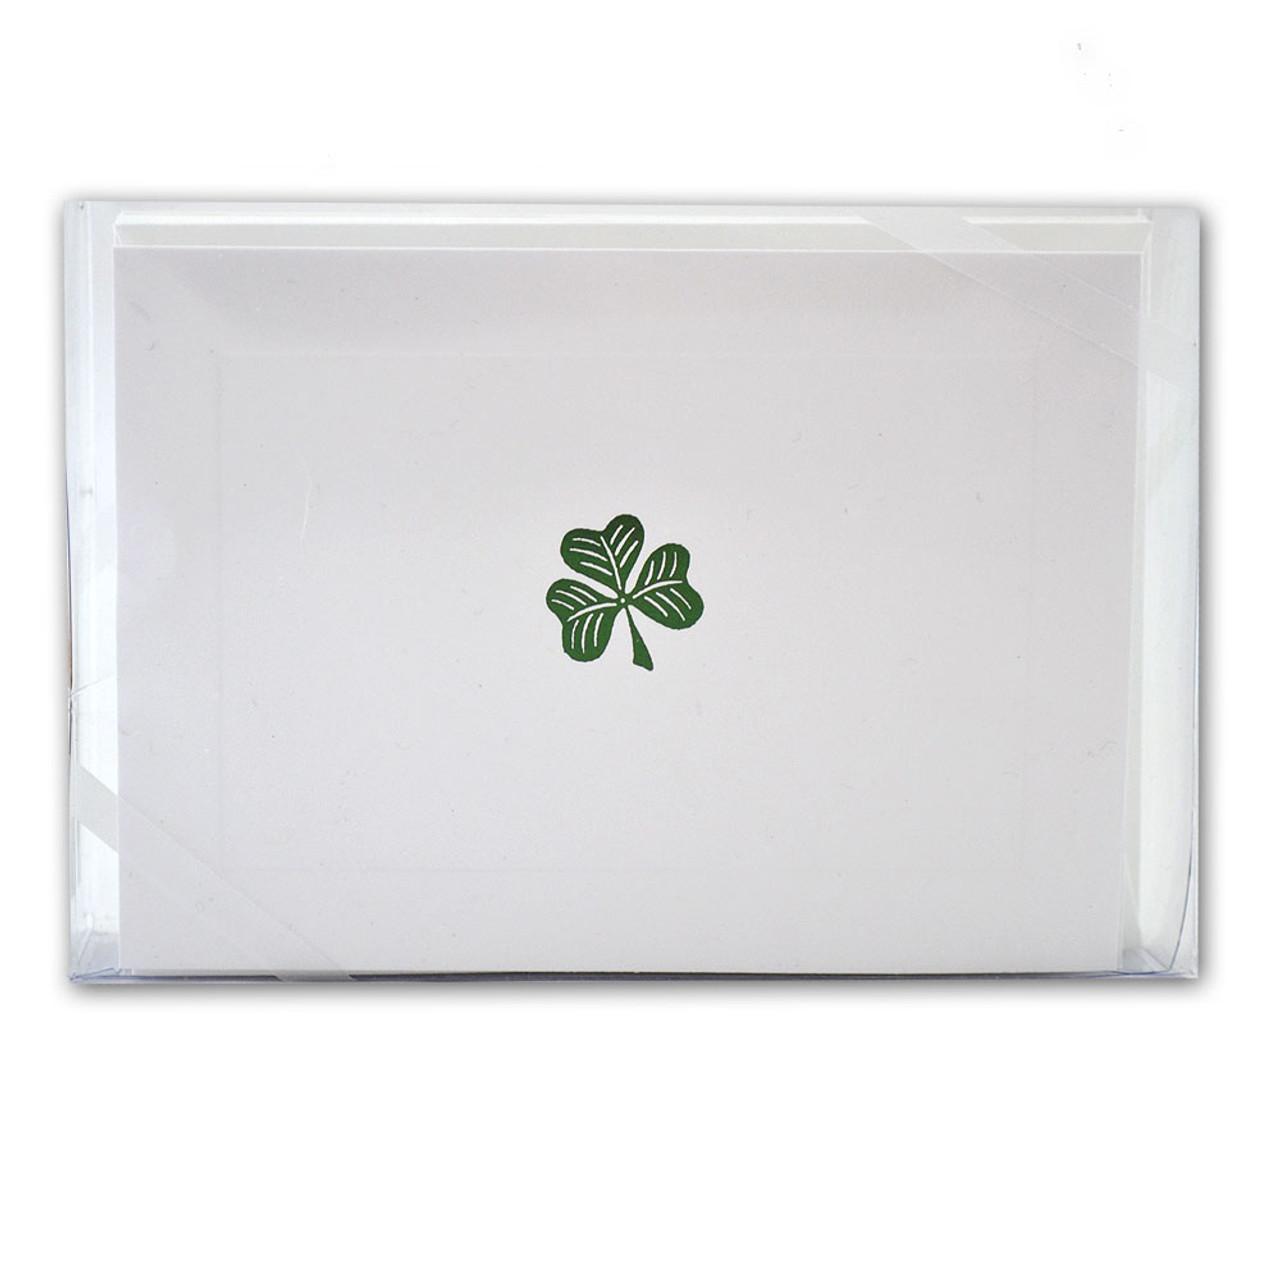 Box of 10 Irish Shamrock Notecards